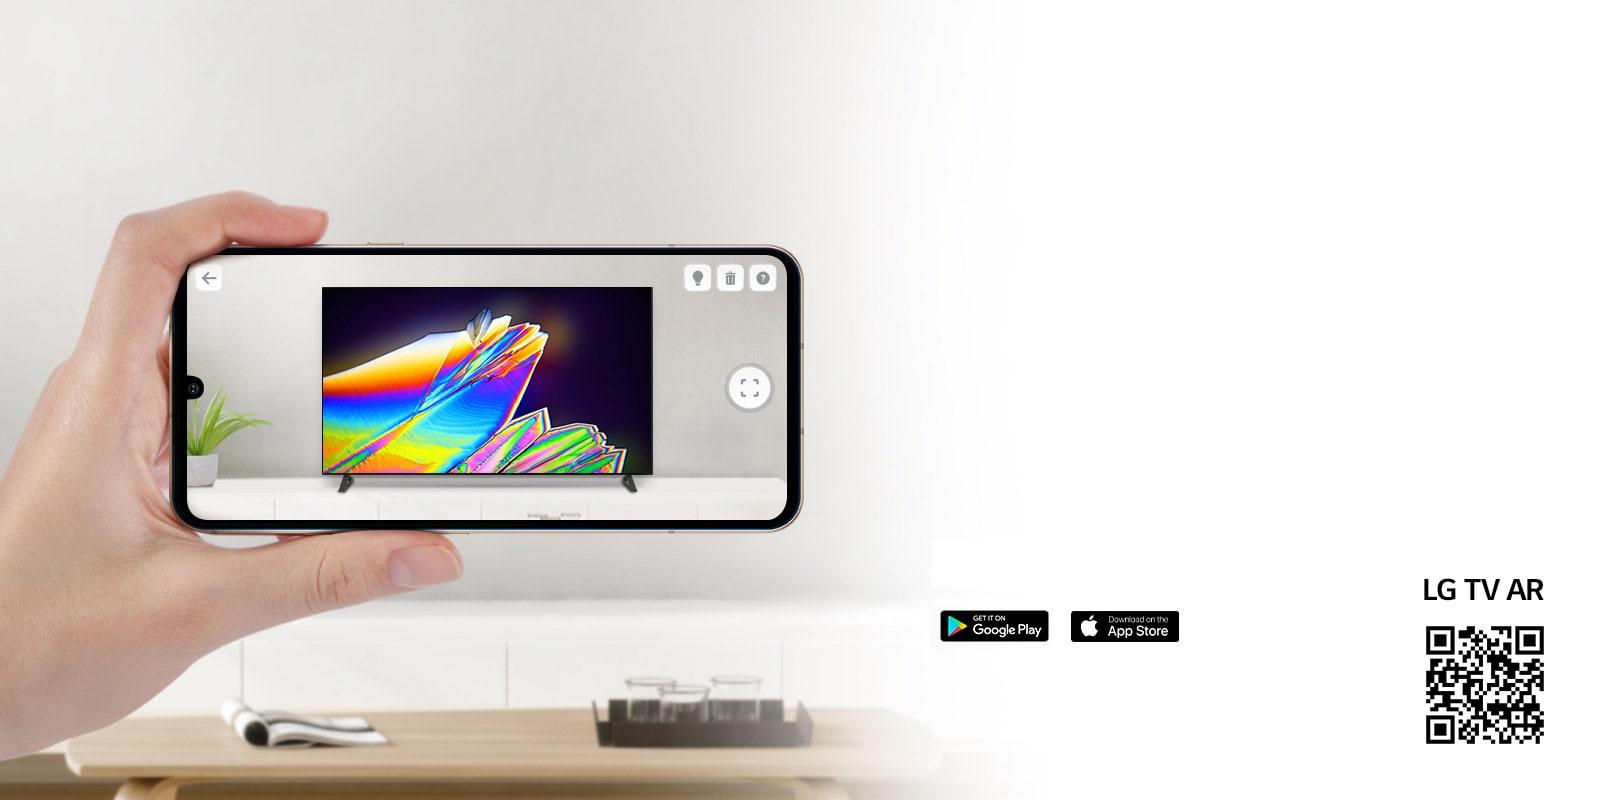 Một người đang dùng ứng dụng LG TV AR trên điện thoại và một mã QR liên kết tới LG TV AR (http://www.lgtvism.com/lgtvar)